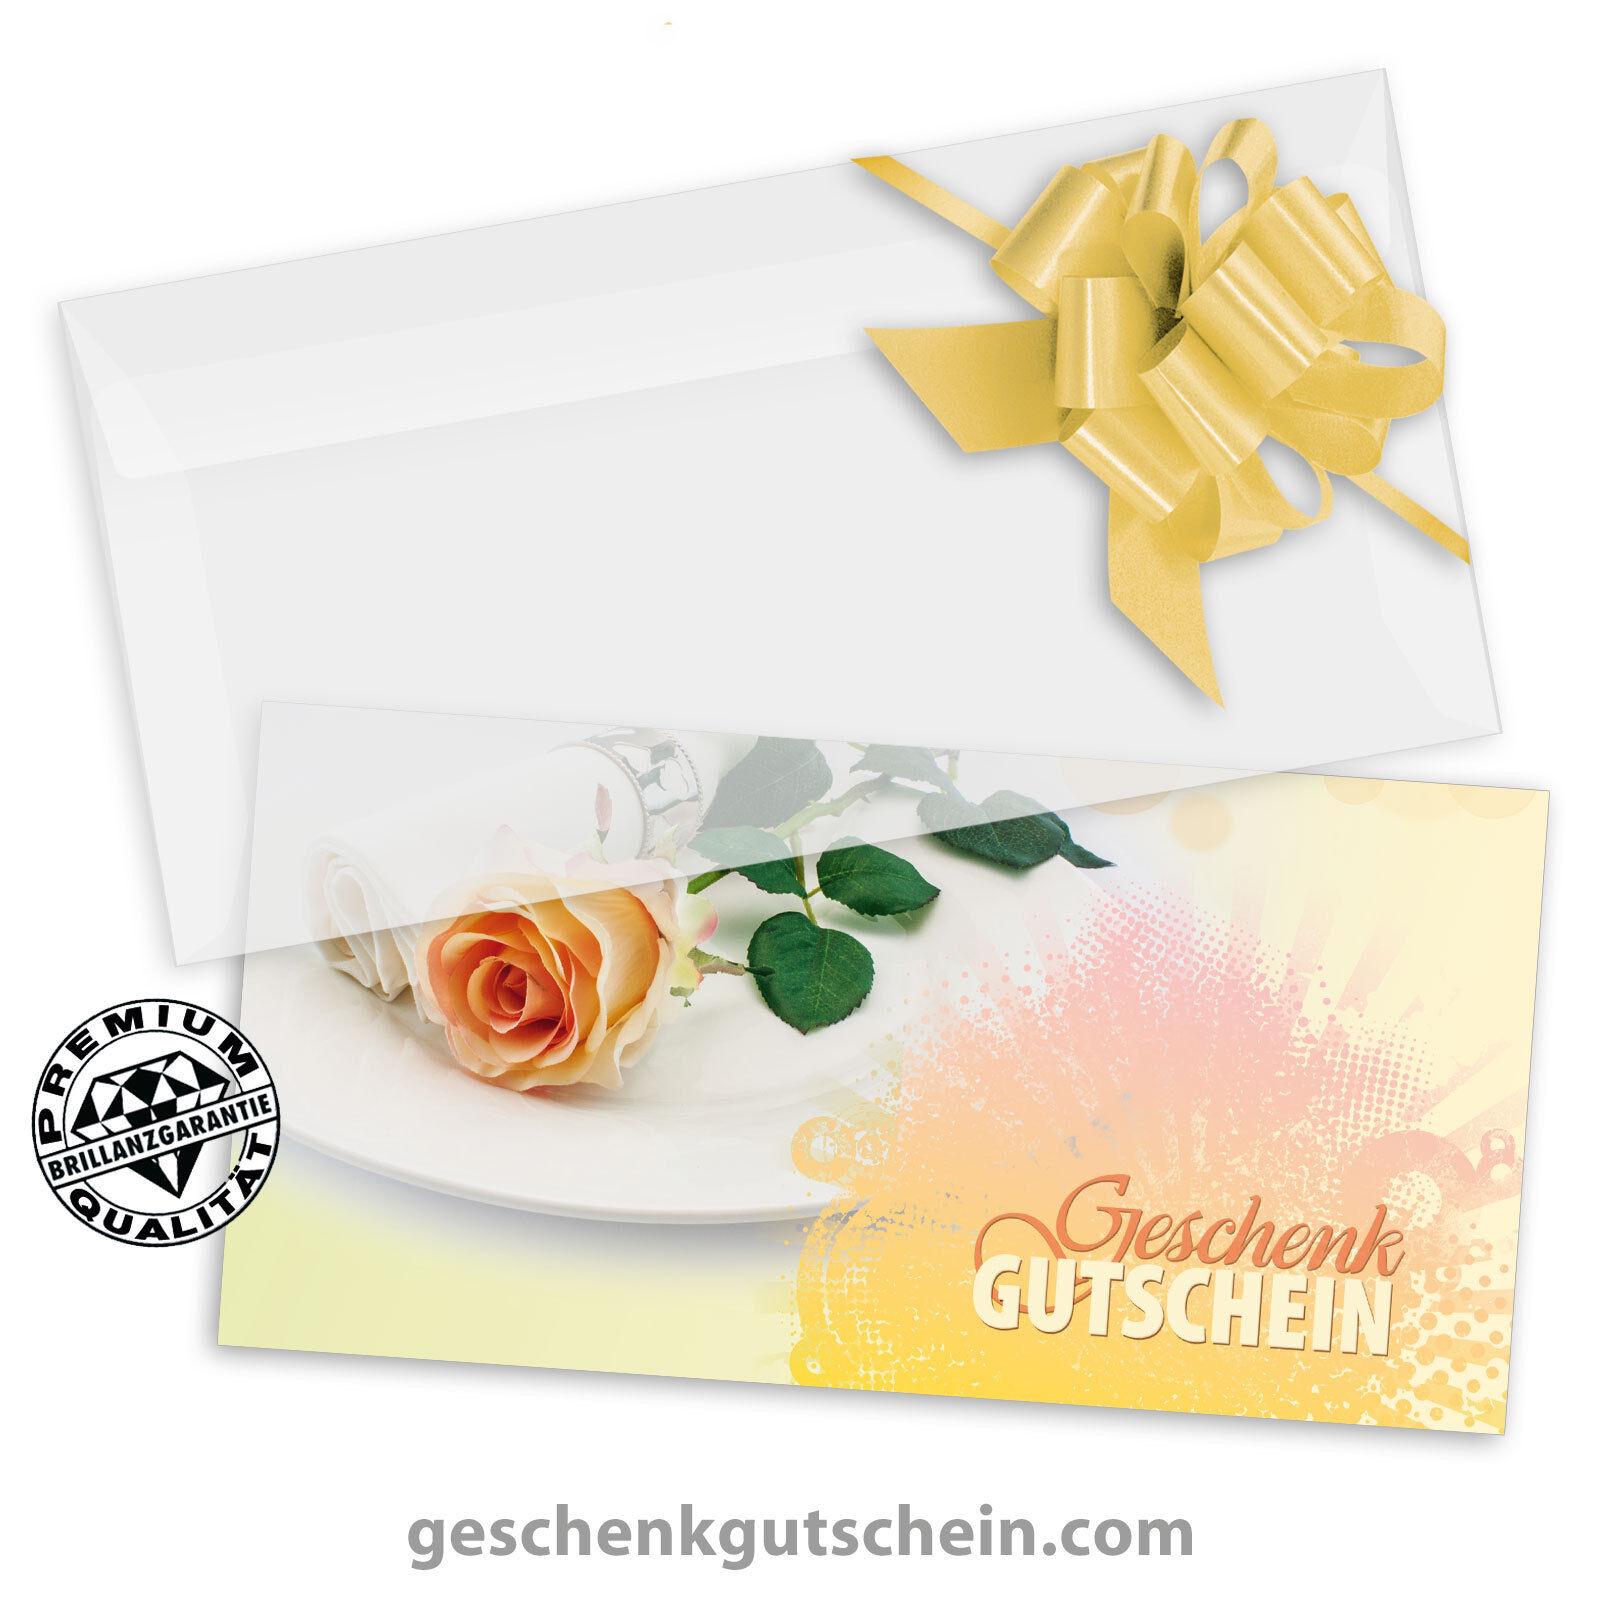 Gutscheinkarten  DINlang  mit KuGrüns und Schleifen für Restaurants G92002